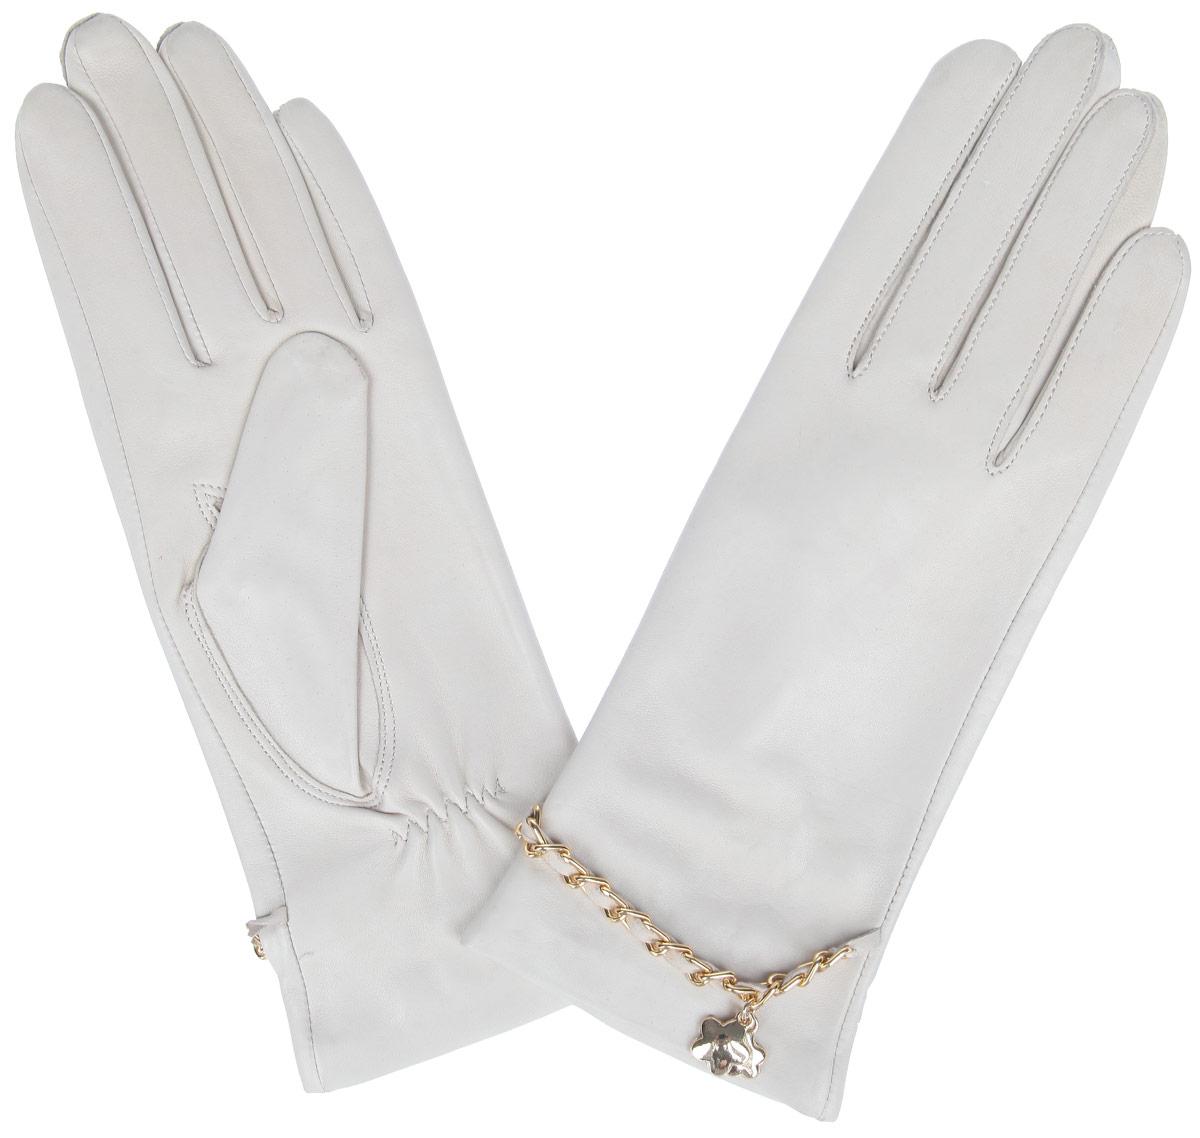 ПерчаткиHP294Стильные женские перчатки Eleganzza не только защитят ваши руки от холода, но и станут великолепным украшением. Перчатки выполнены из натуральной кожи ягненка на шелковой подкладке. На тыльной стороне имеется небольшая сборка резинкой для того, чтобы перчатки лучше сидели. Оформлено изделие цепочкой, переплетенной с кожаным ремешком и украшенной подвеской в виде цветочков. В настоящее время перчатки являются неотъемлемой принадлежностью одежды, вместе с этим аксессуаром вы обретаете женственность и элегантность. Перчатки станут завершающим и подчеркивающим элементом вашего стиля и неповторимости.